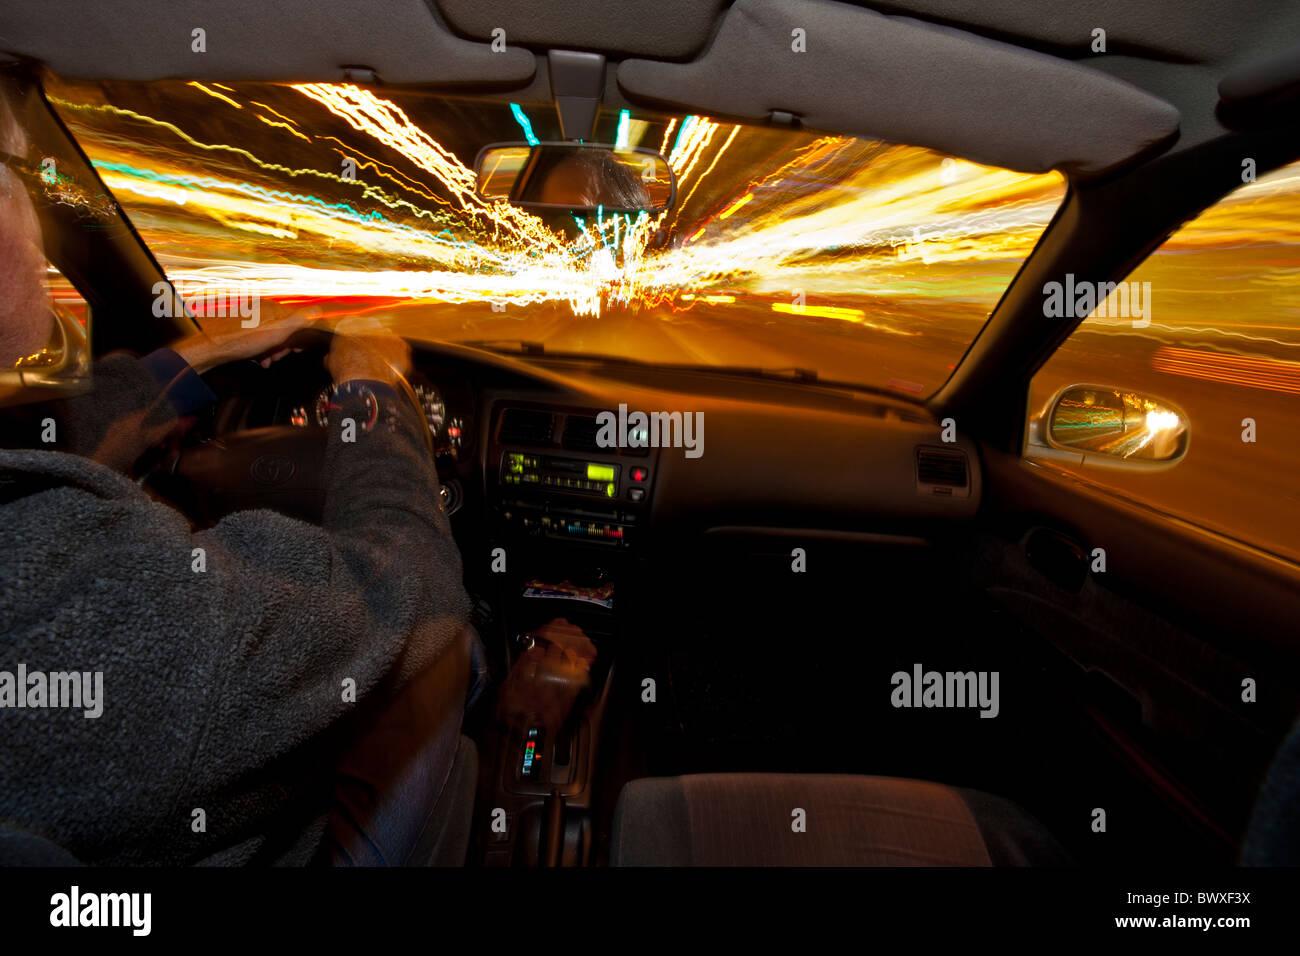 Vue de la voiture conduite de nuit-Victoria, Colombie-Britannique, Canada. Photo Stock